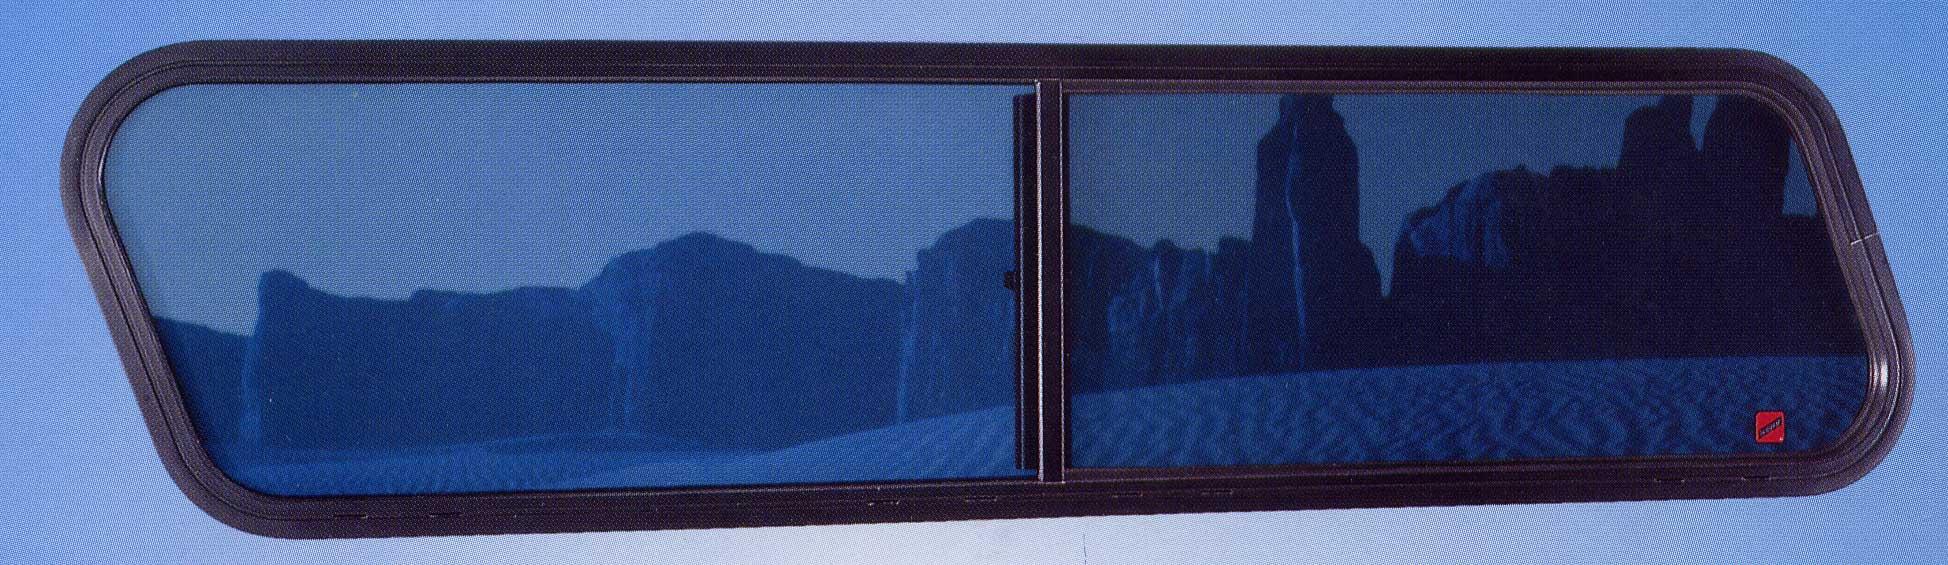 Hehr 3500 Camper Shell Window Instant Quote Rv Windows